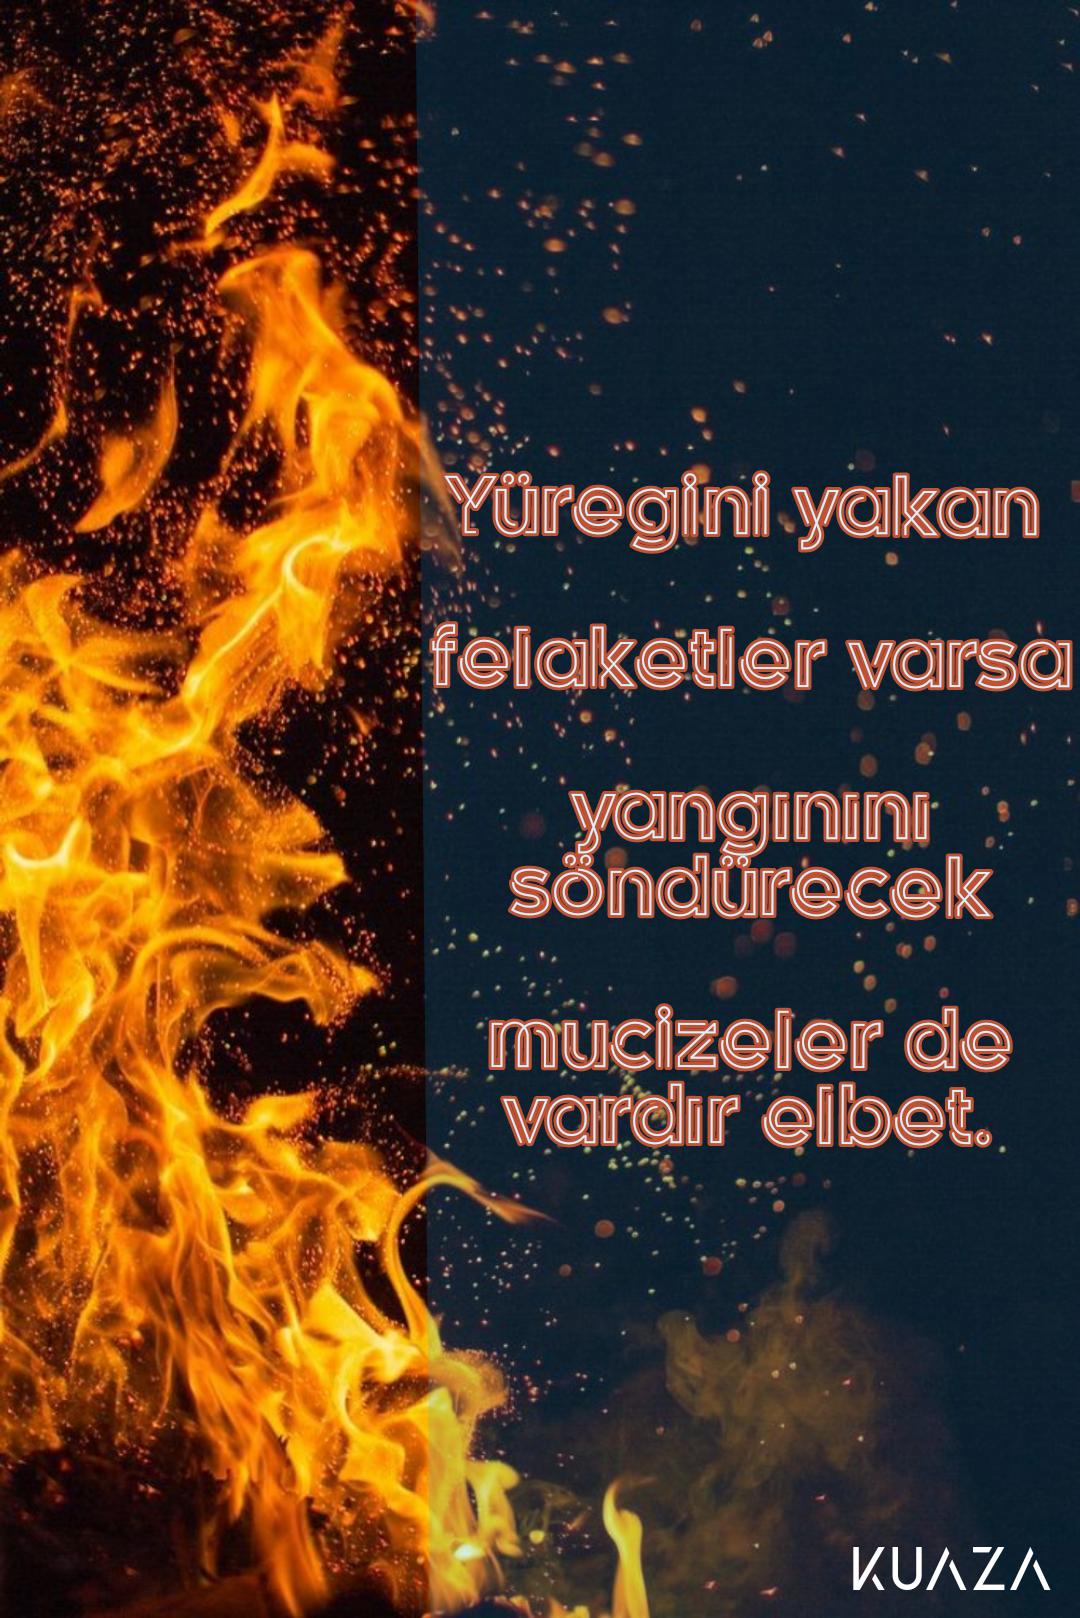 Yüreğini yakan felaketler varsa yangınını söndürecek mucizelerde vardır elbet. En Yeni Güzel Sözler Anlamlı Sözler Resimli Sözler - Resimli Güzel Sözler - Anlamlı, Etkileyici Güzel Sözler, resimli-sozler